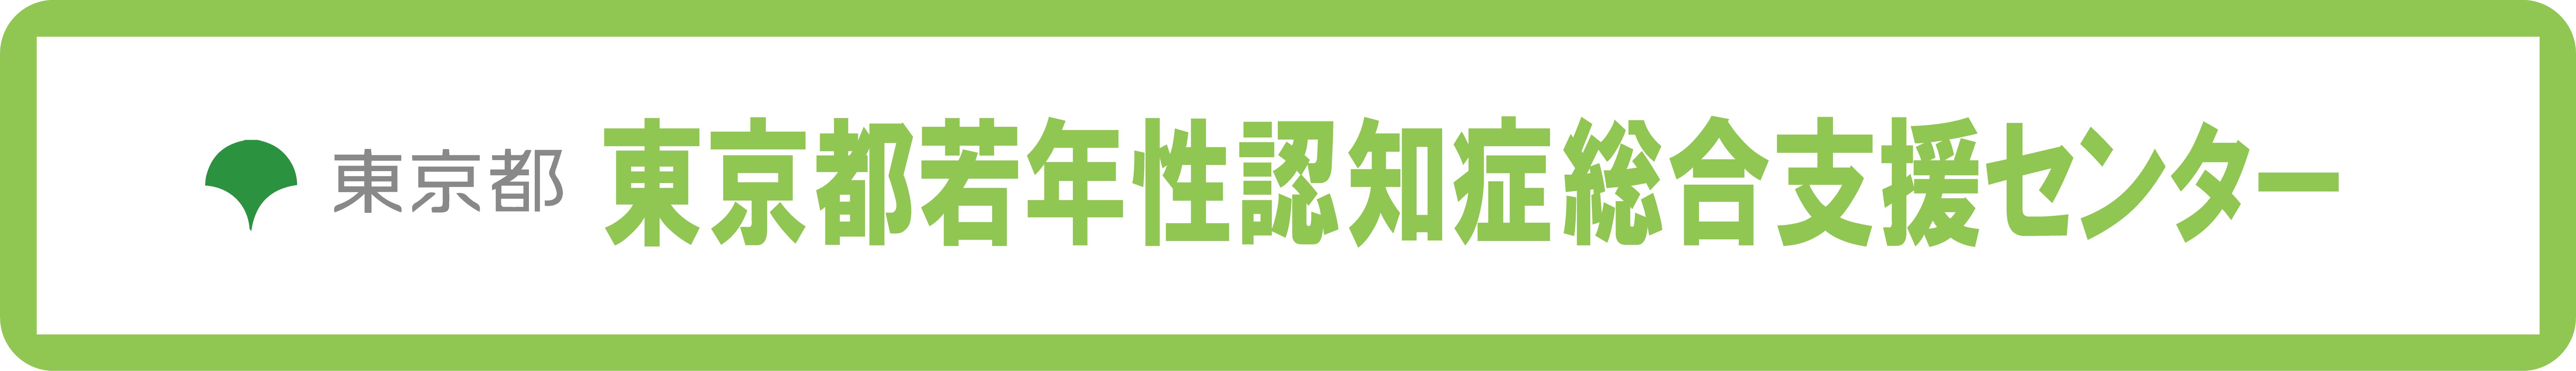 東京都若年性認知症総合支援センタータイトル画像